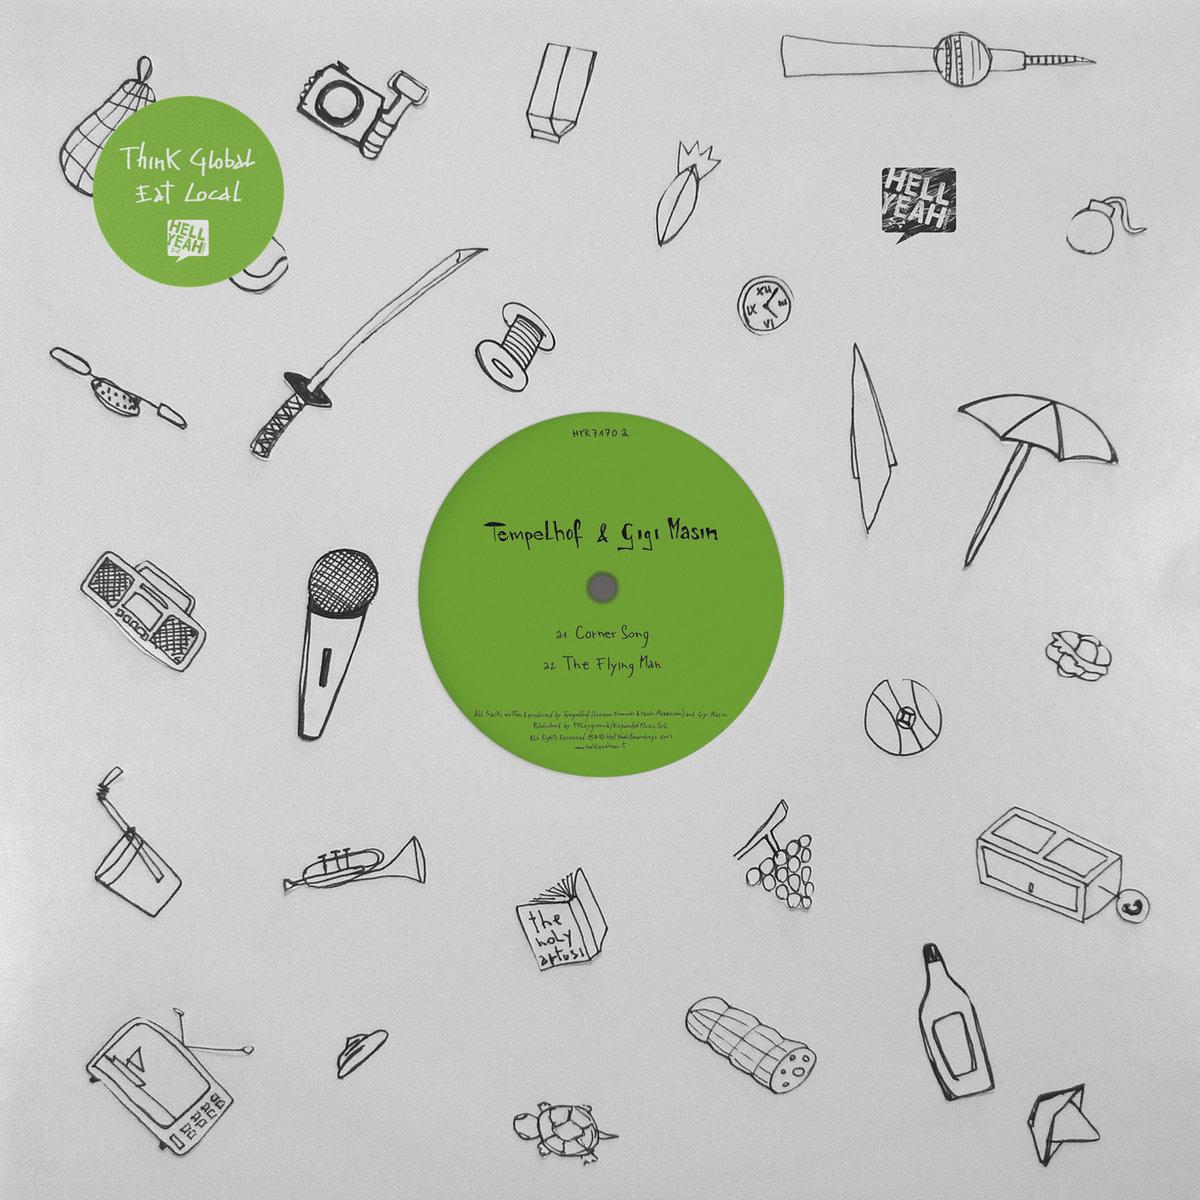 Io gigi finizio songs download | io gigi finizio songs mp3 free.